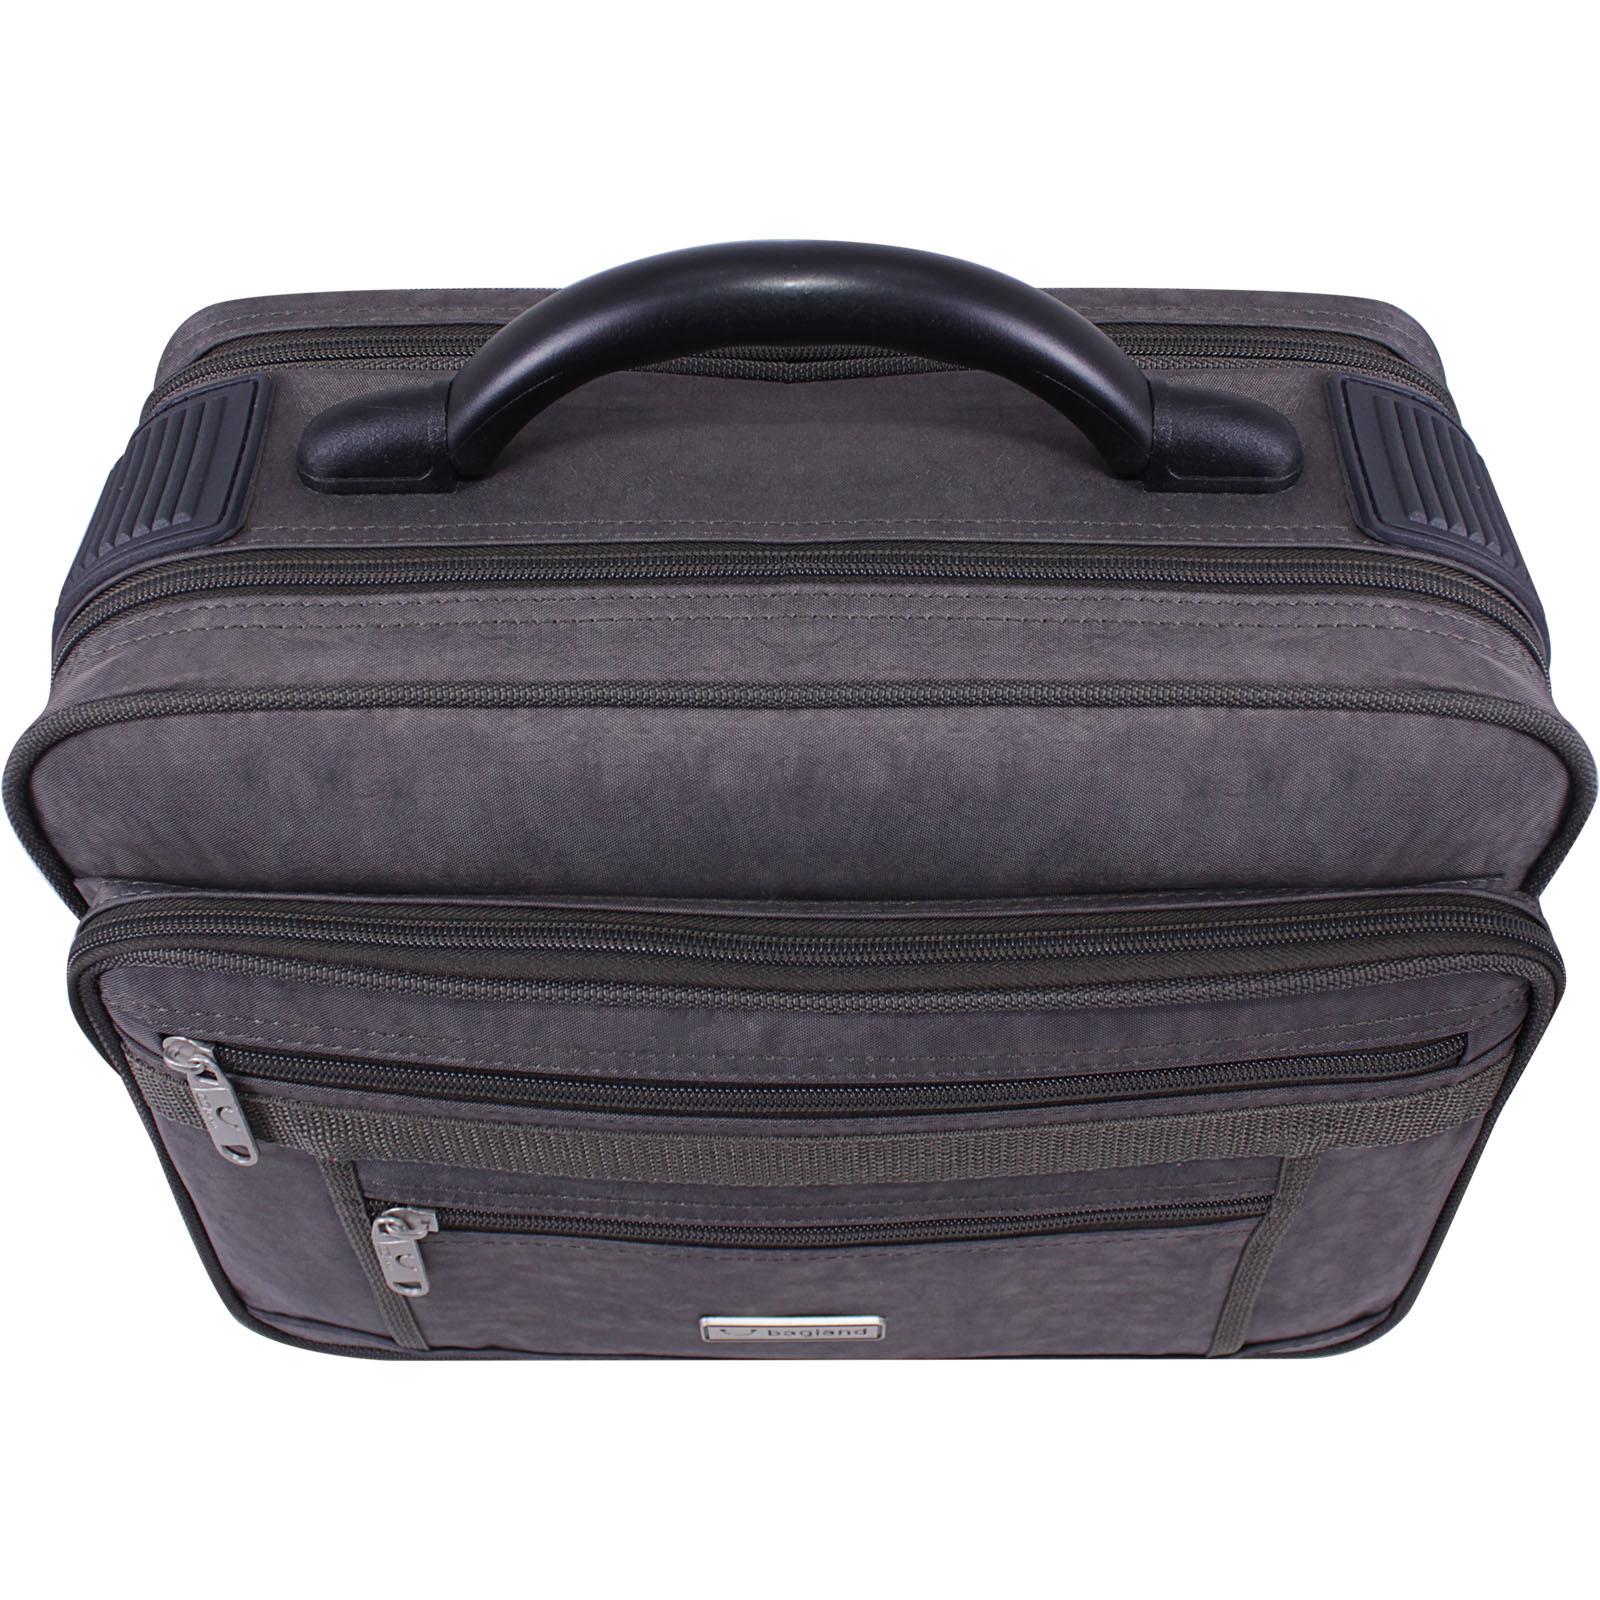 Мужская сумка Bagland Mr.Cool 15 л. Хаки (0025170) фото 5